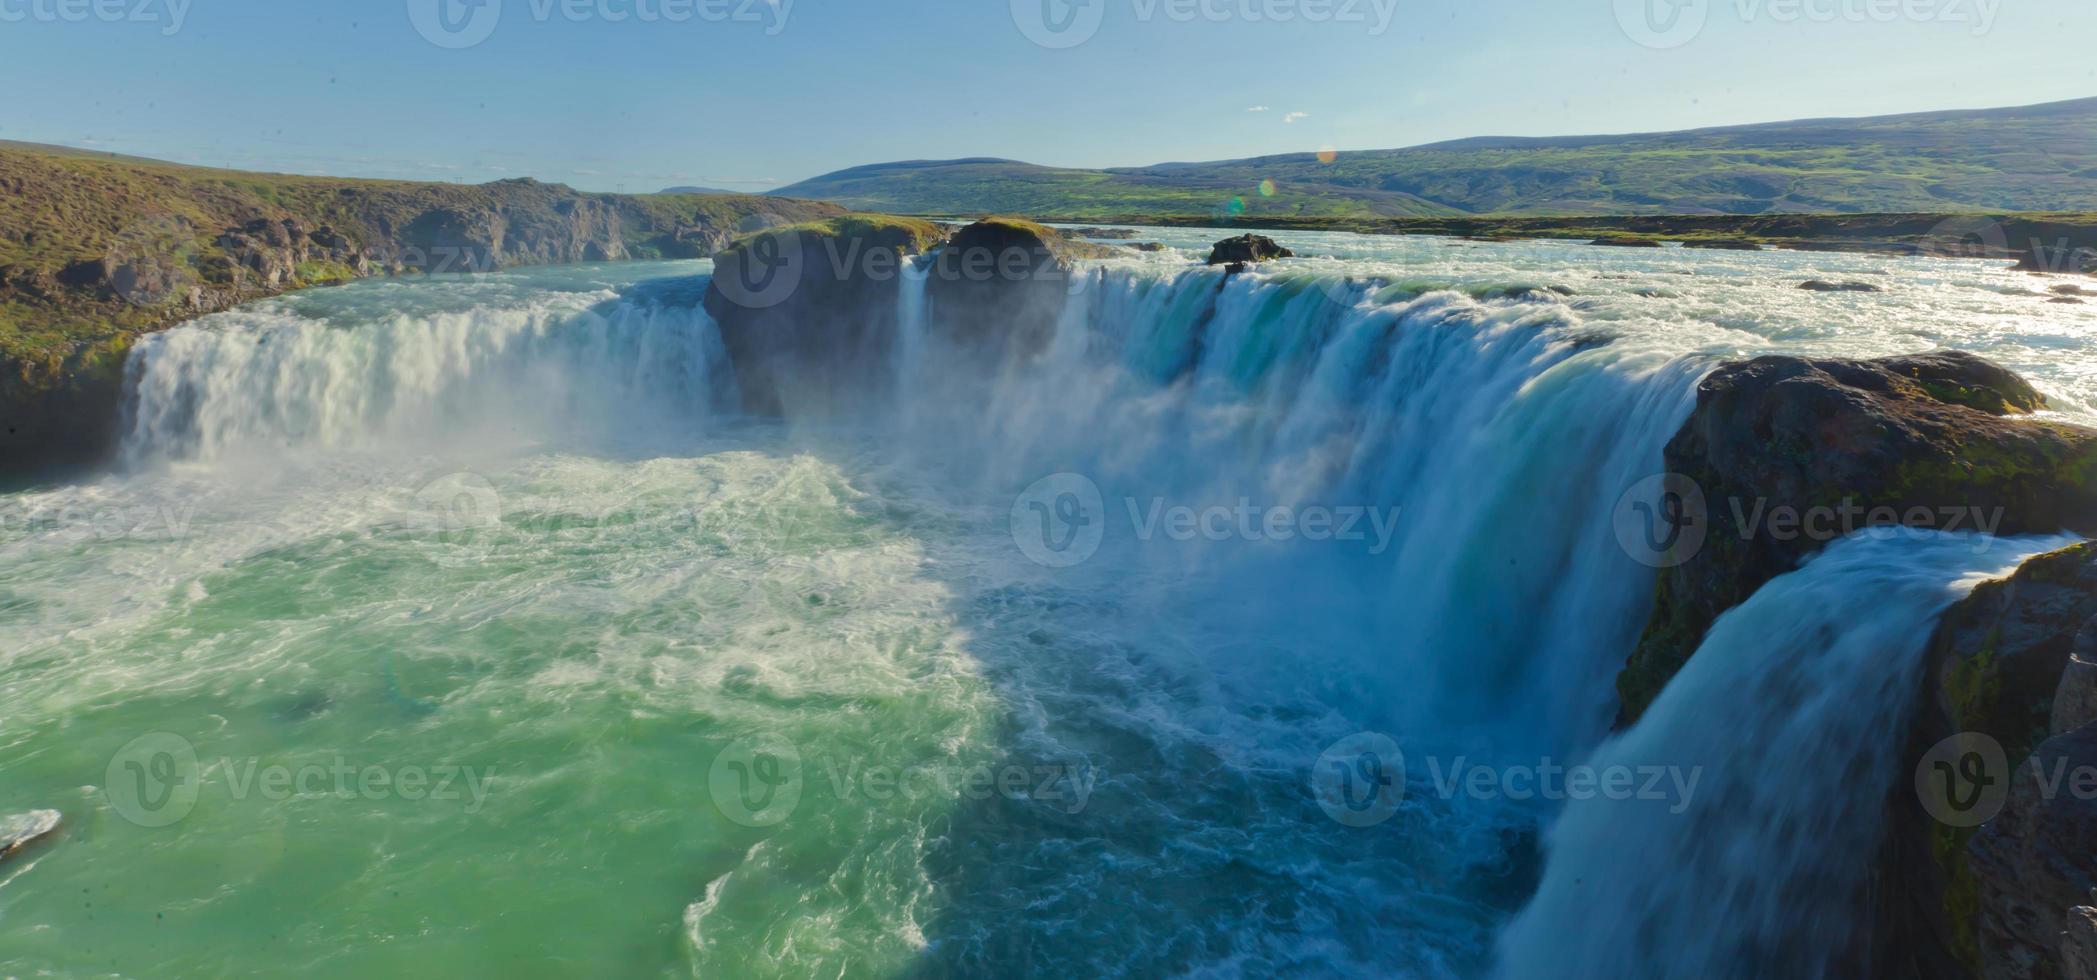 bella immagine panoramica vibrante con vista sulla cascata in islanda foto